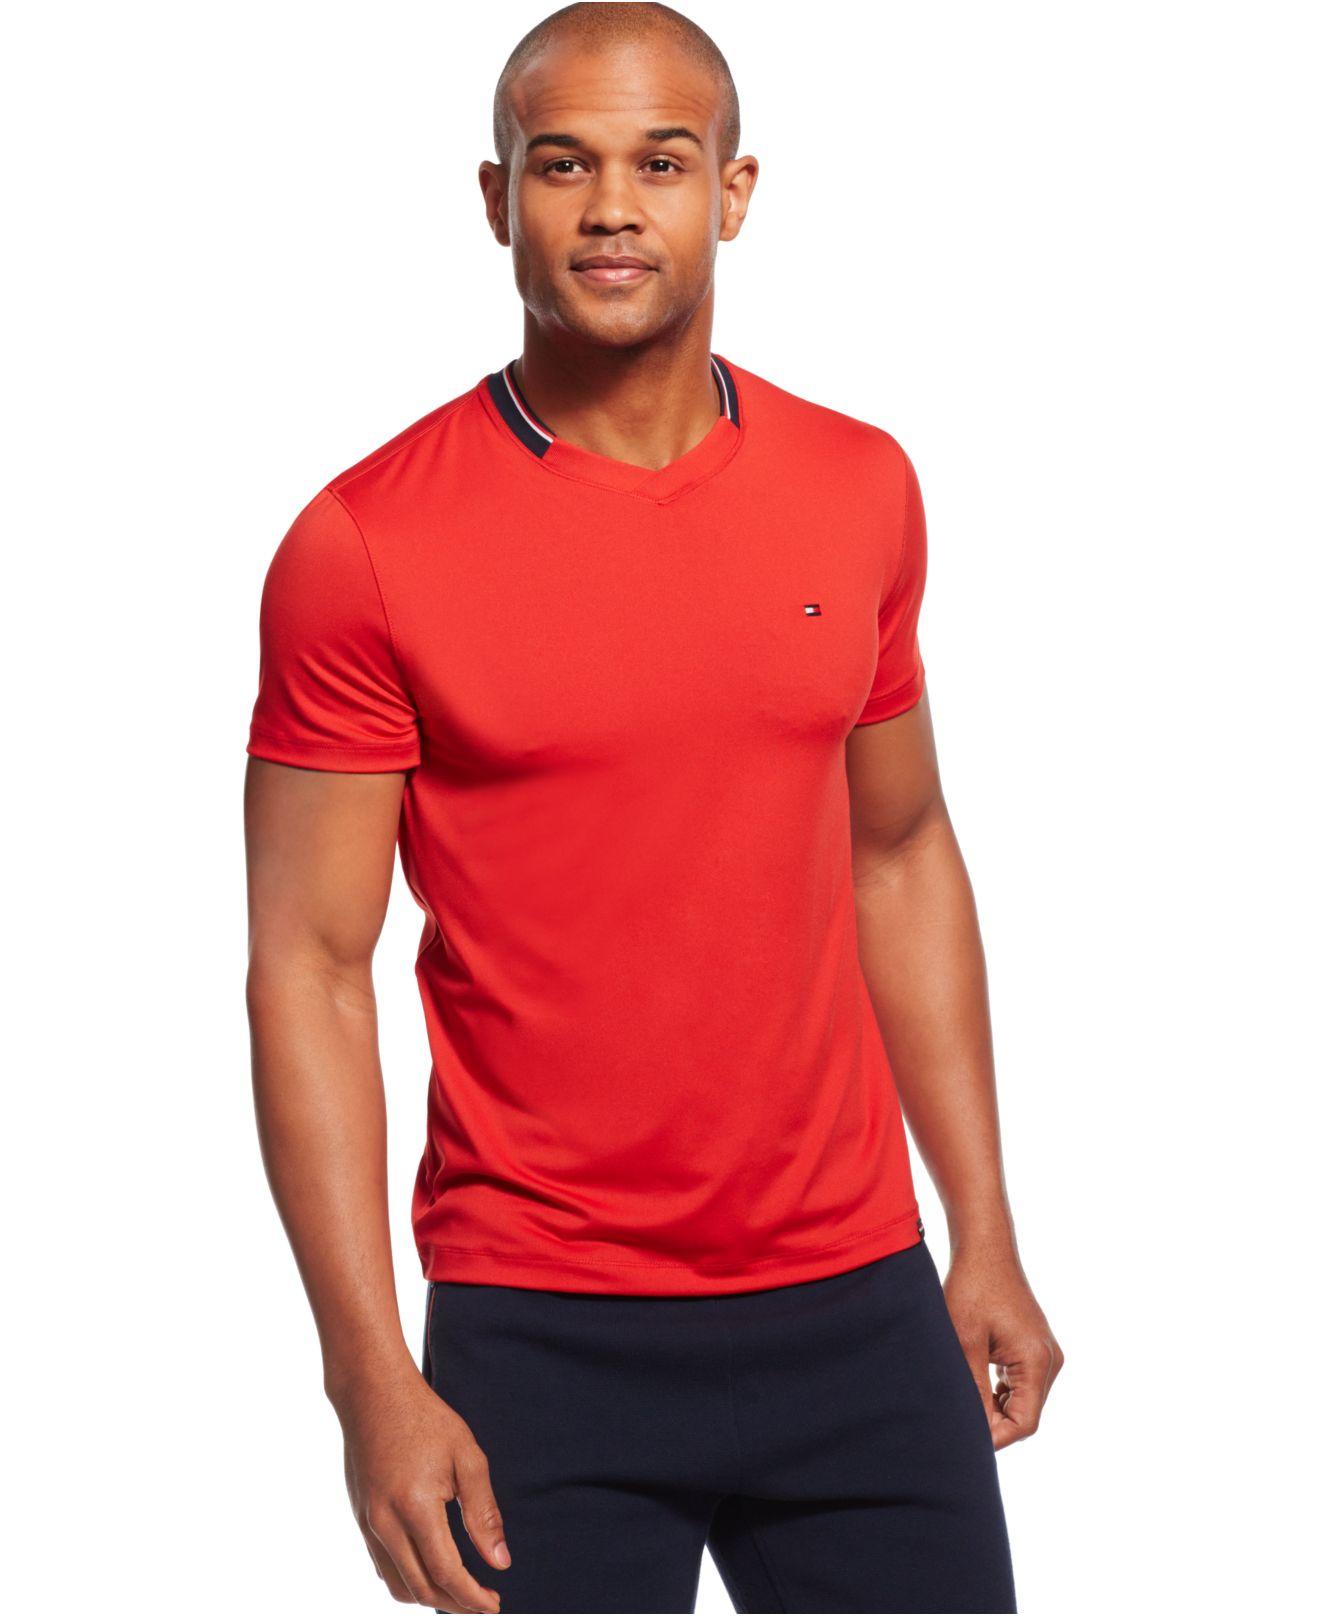 tommy hilfiger collar stripe v neck t shirt in red for men. Black Bedroom Furniture Sets. Home Design Ideas